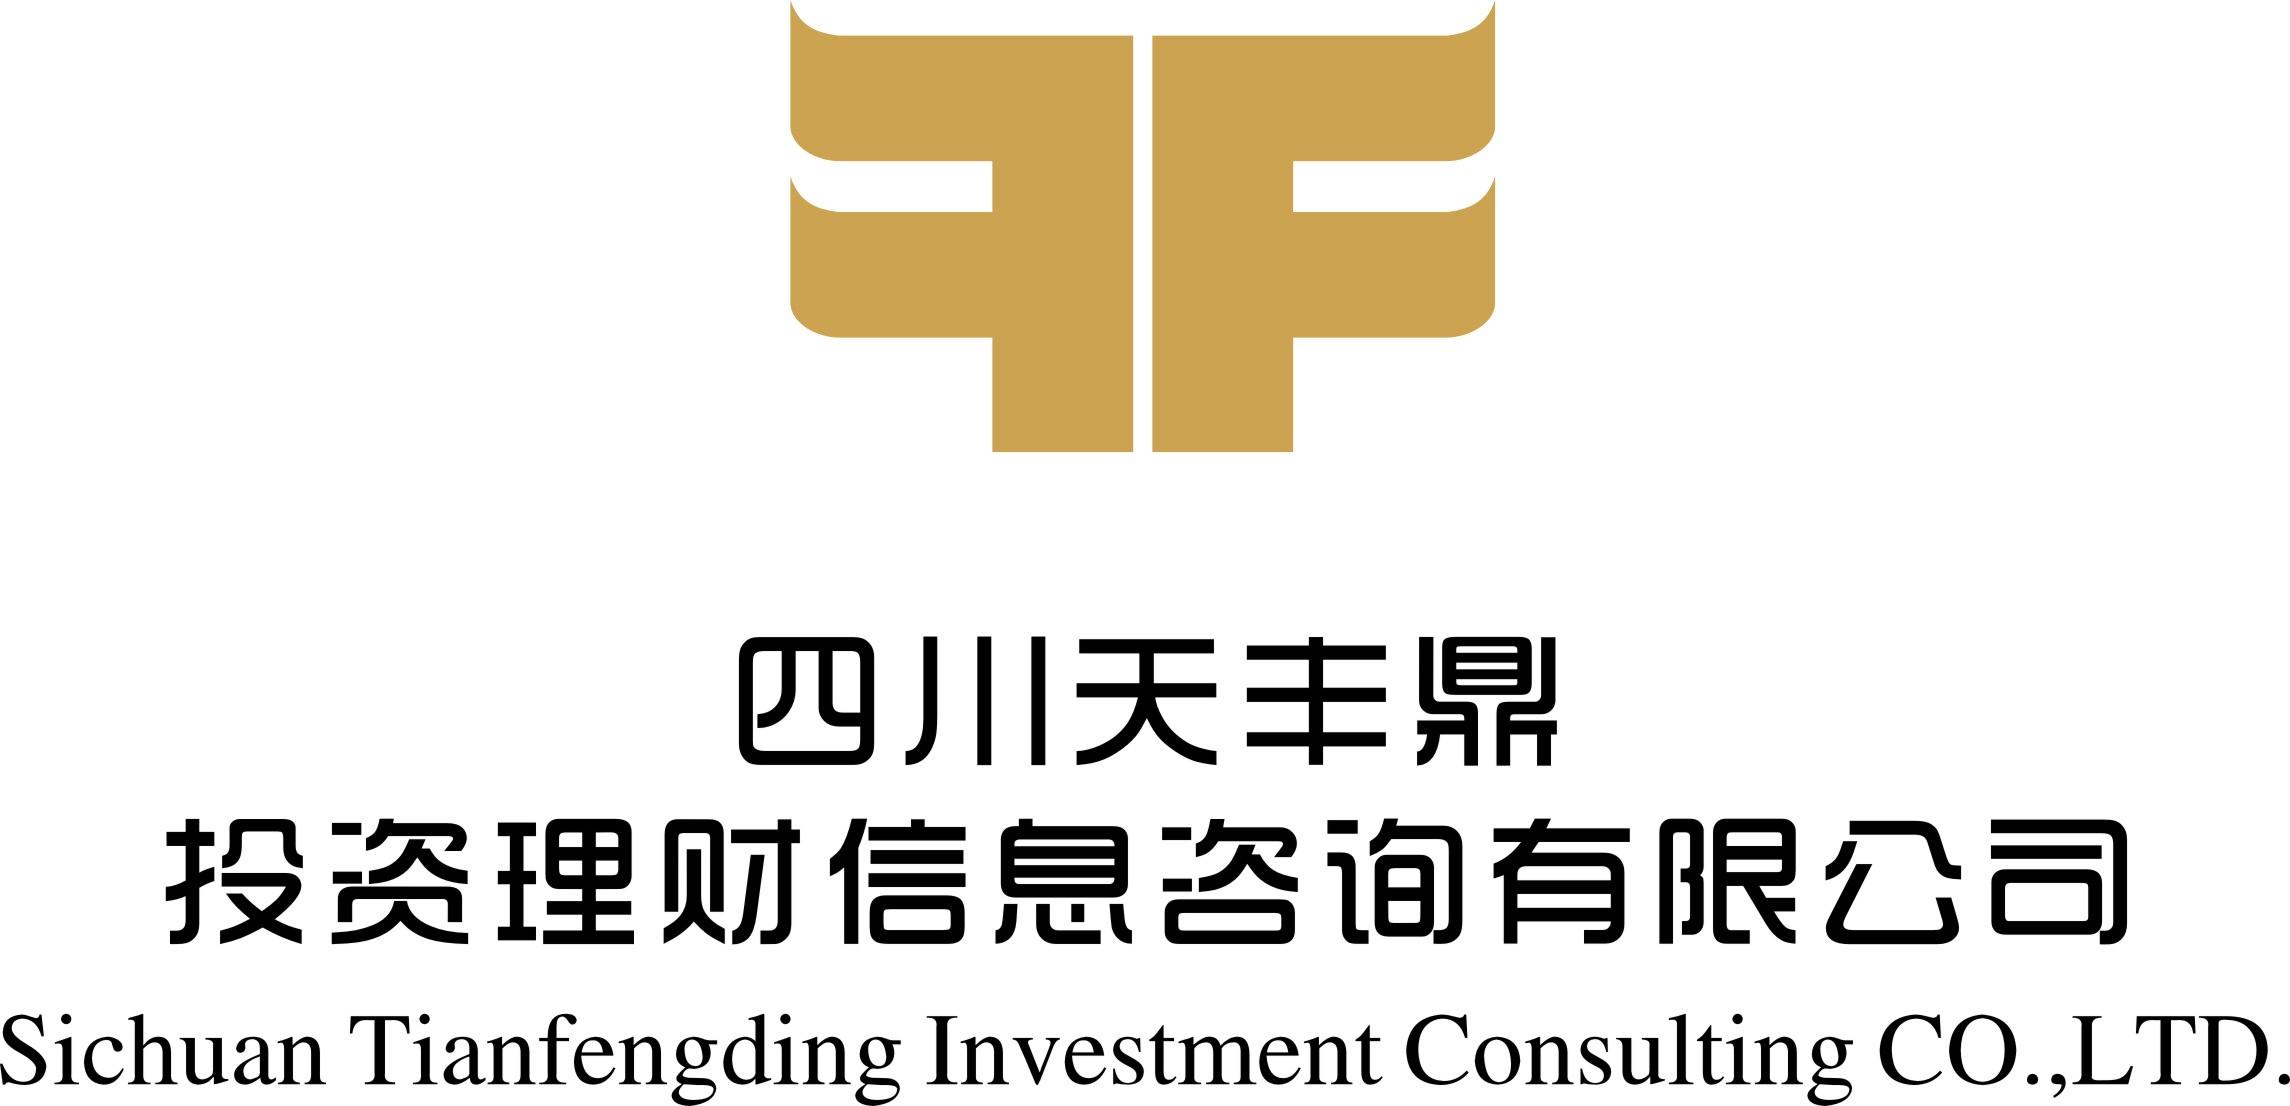 四川天丰鼎投资理财信息咨询有限责任公司